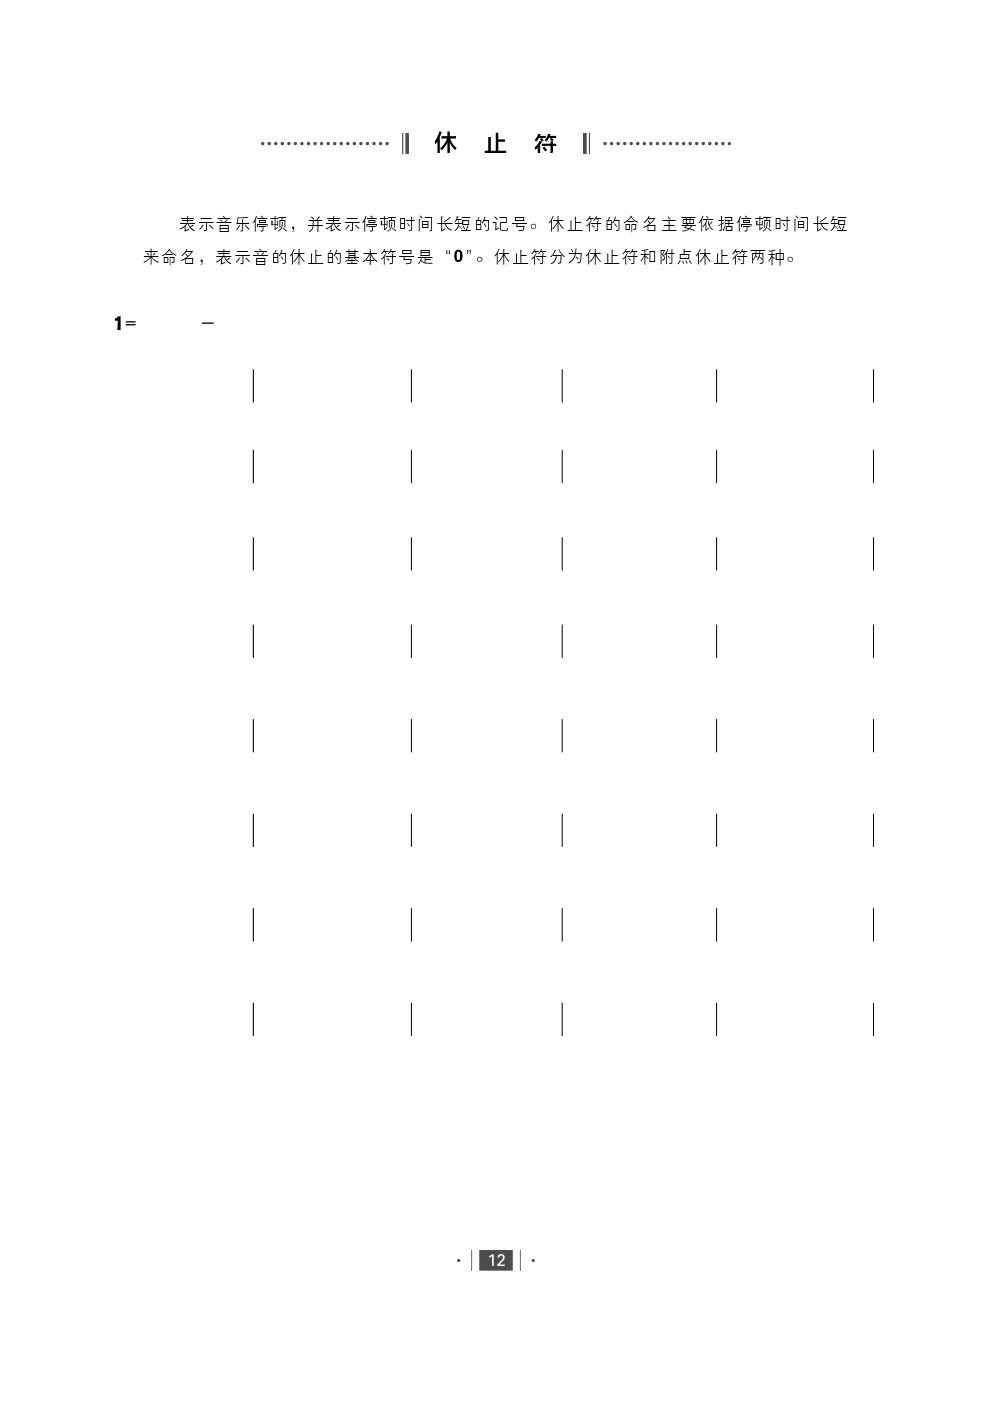 简谱音符记法 高音点,低音点 增时线,短时线 附点 全音符,二分音符 四